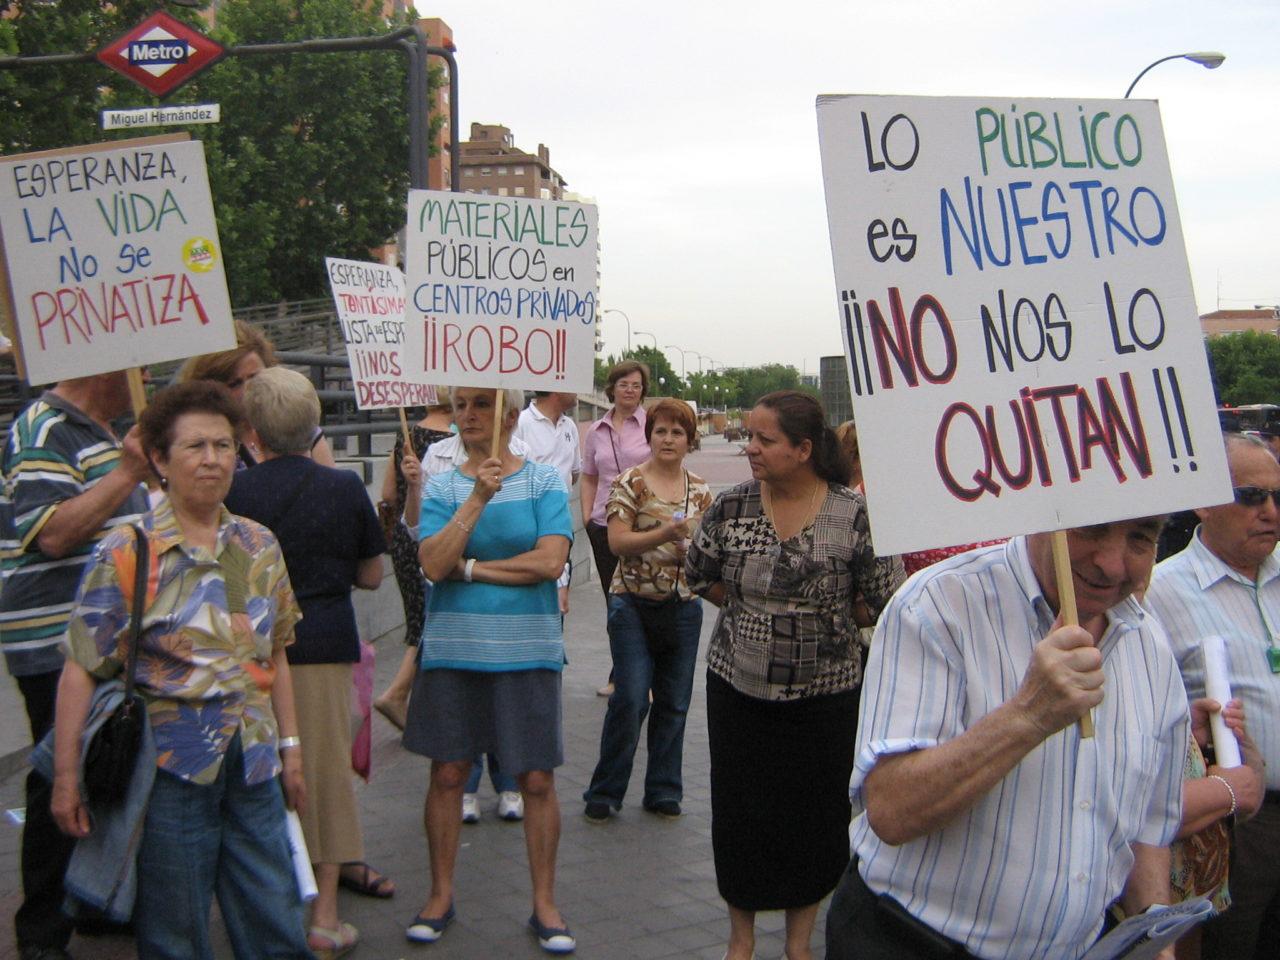 28 de abril: día de lucha vecinal contra la privatización de la sanidad pública